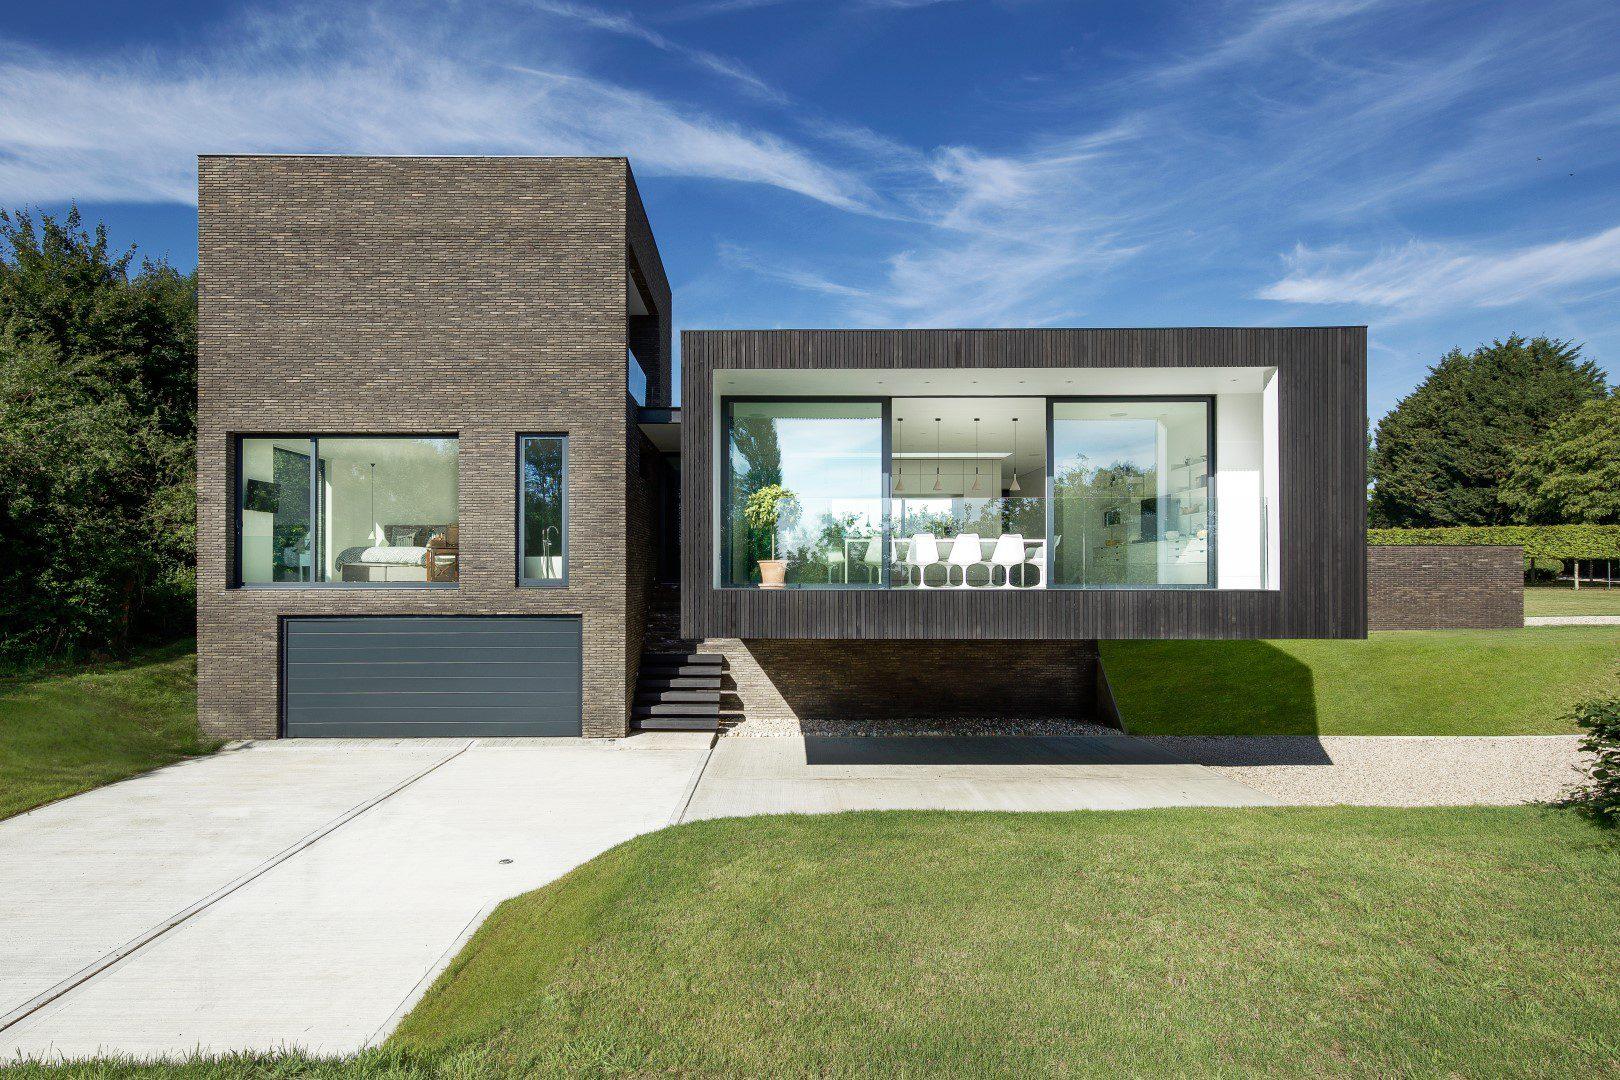 Sleek modern home looks like it\u0027s floating - Curbed